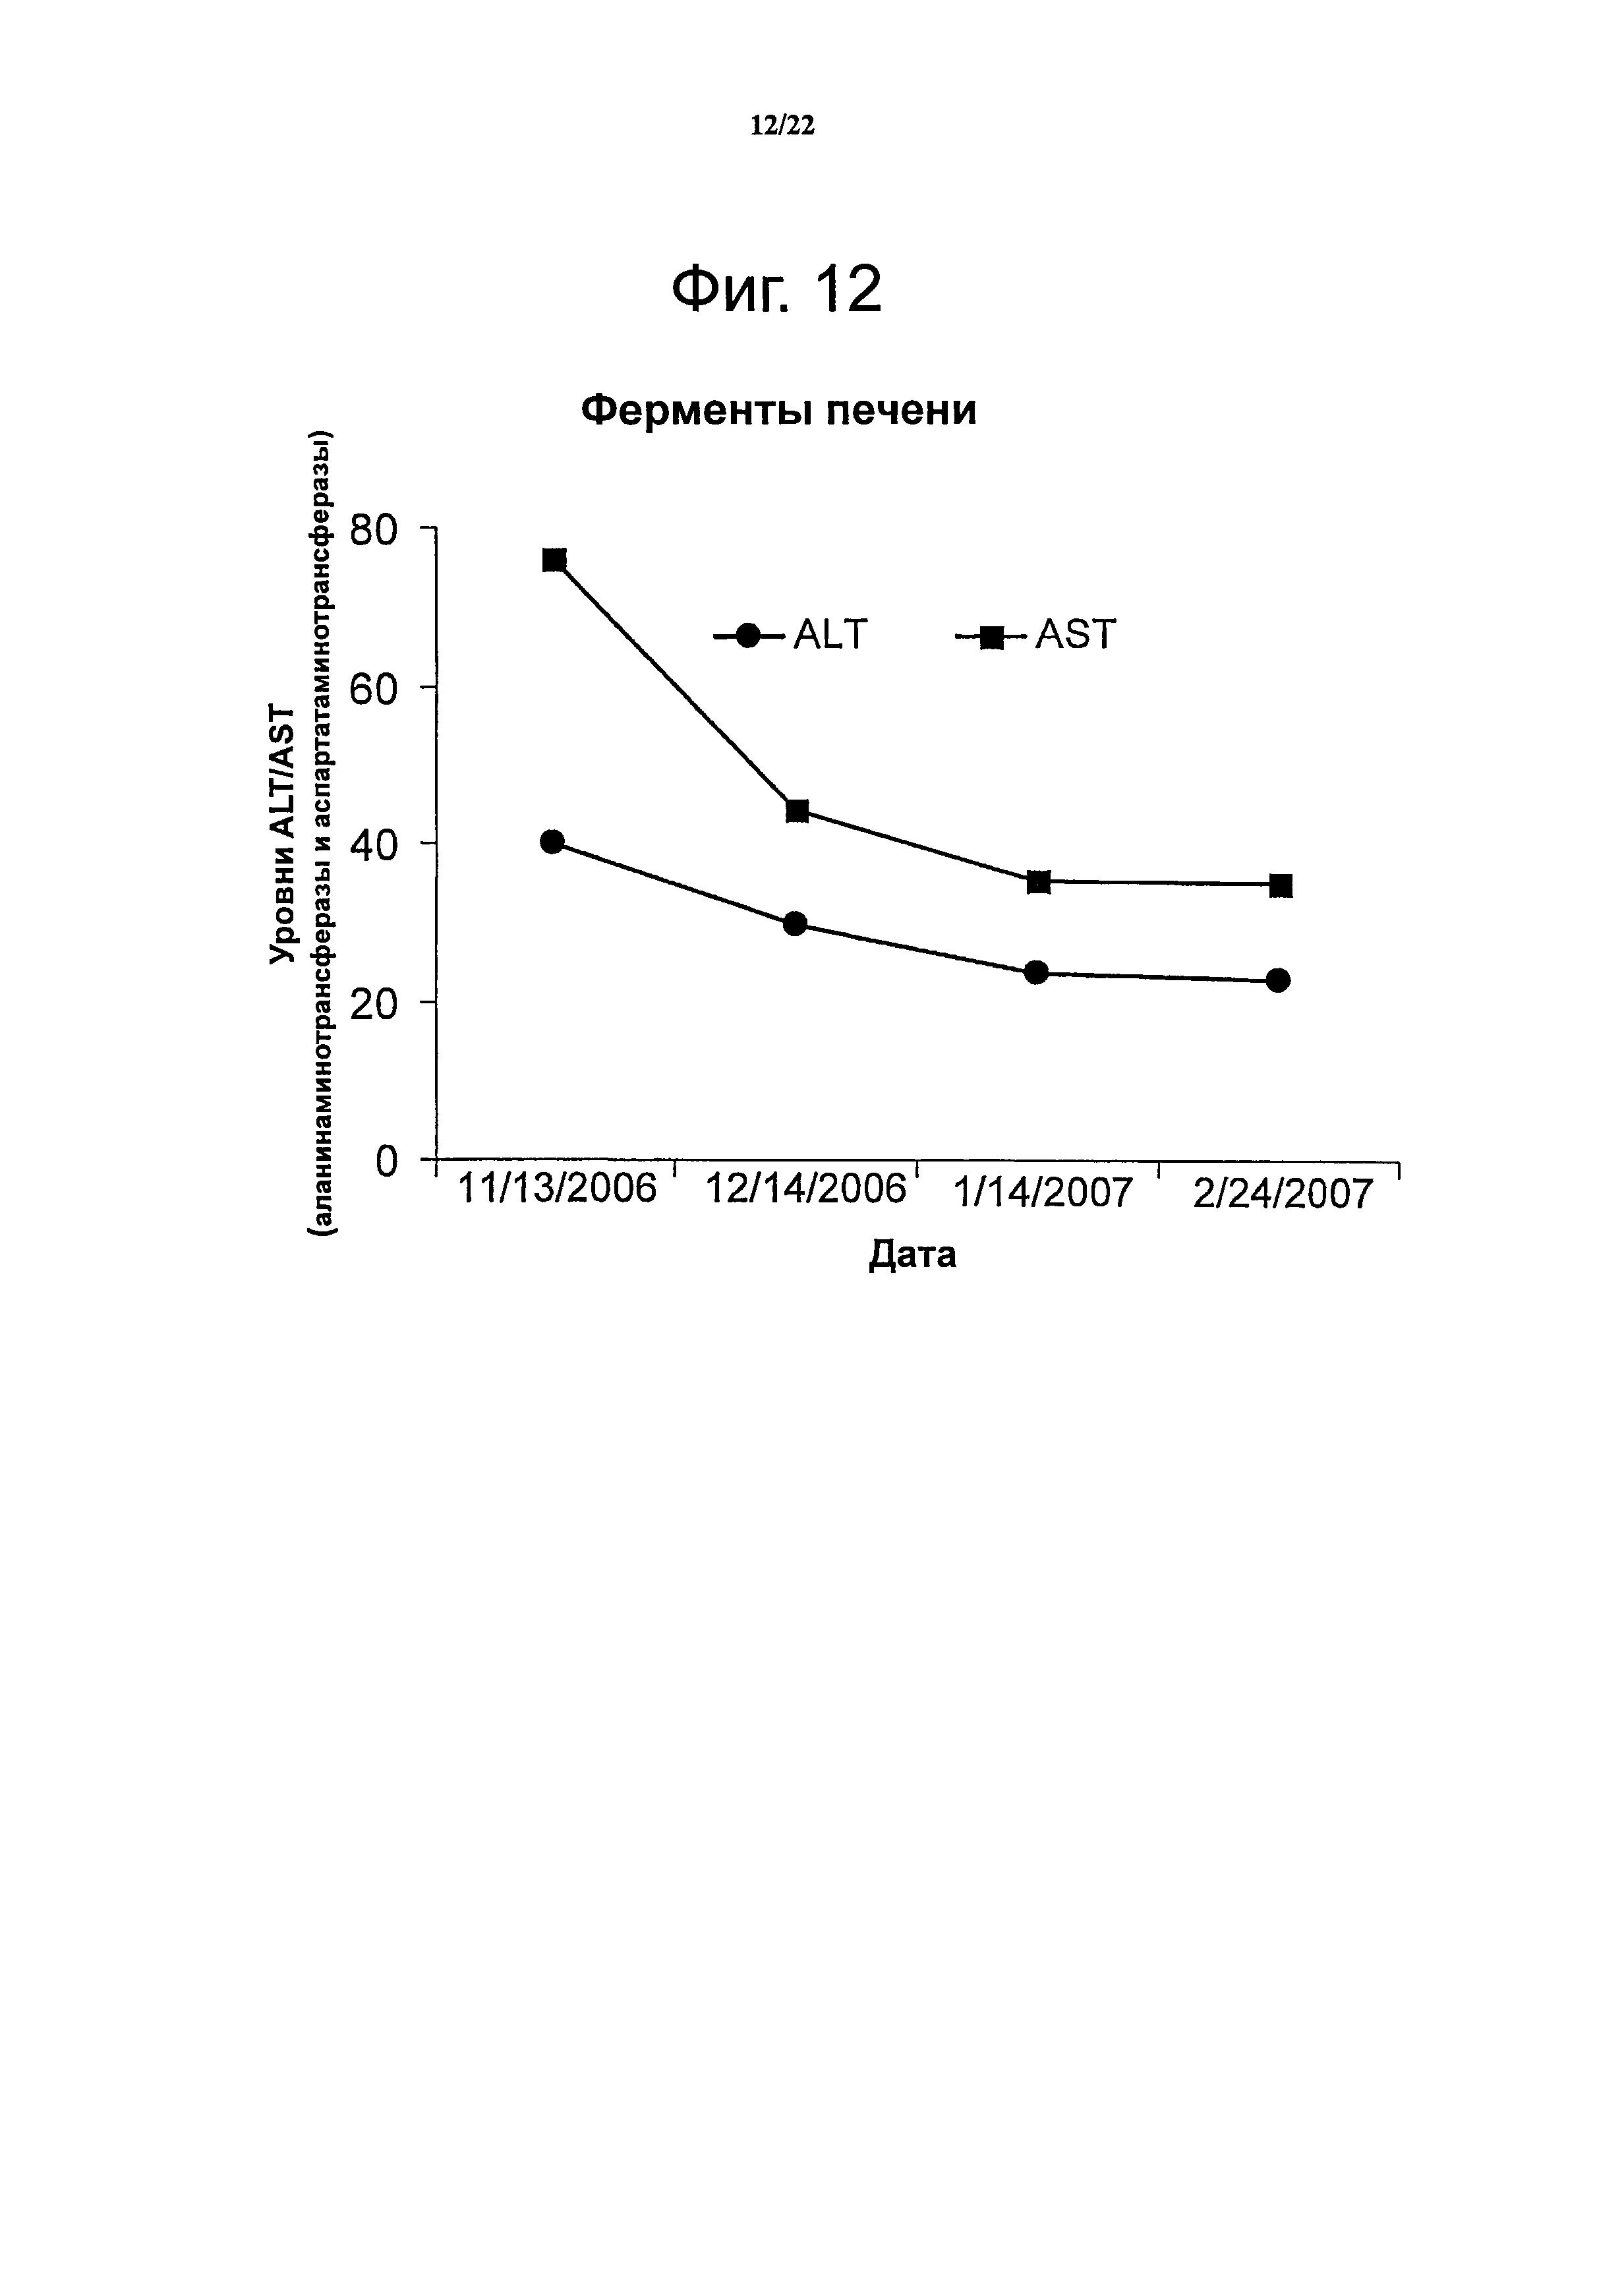 Азоспермия лечения